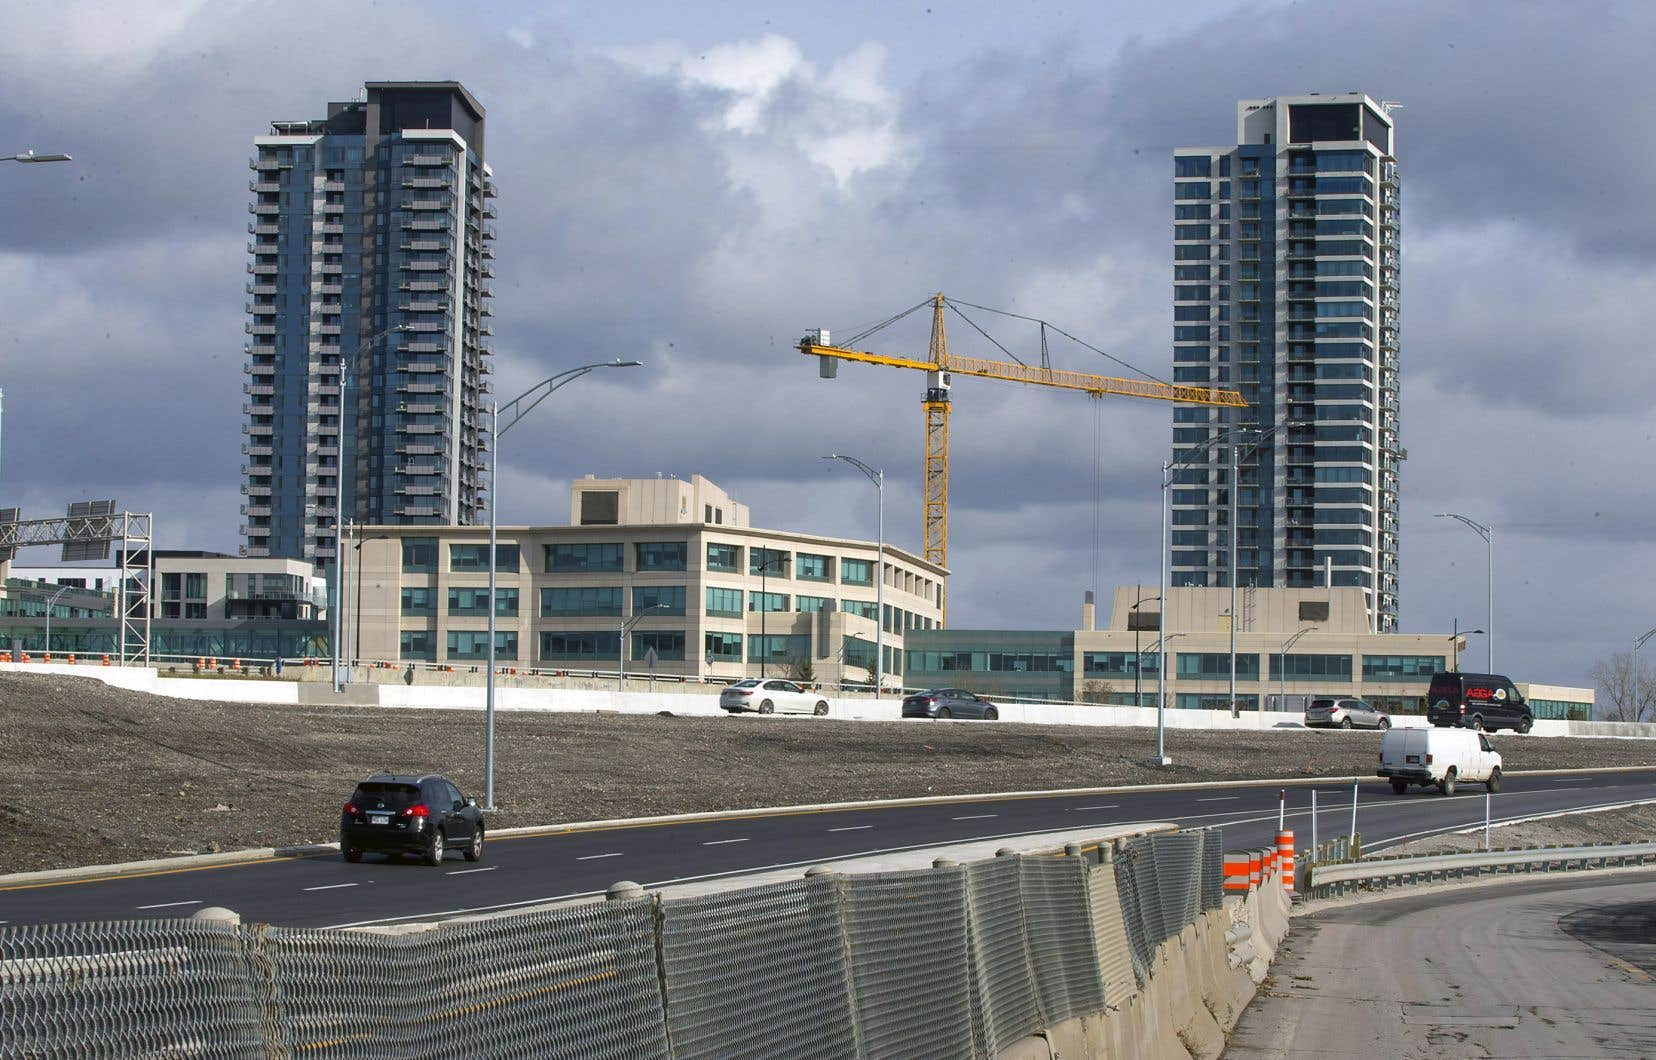 Avec la construction d'une station du REM, dans l'axe du pont Samuel-De Champlain, le secteur nord de L'Île-des-Sœurs est appelé à devenir un quartier à haute densité privilégiant le transport actif et collectif.